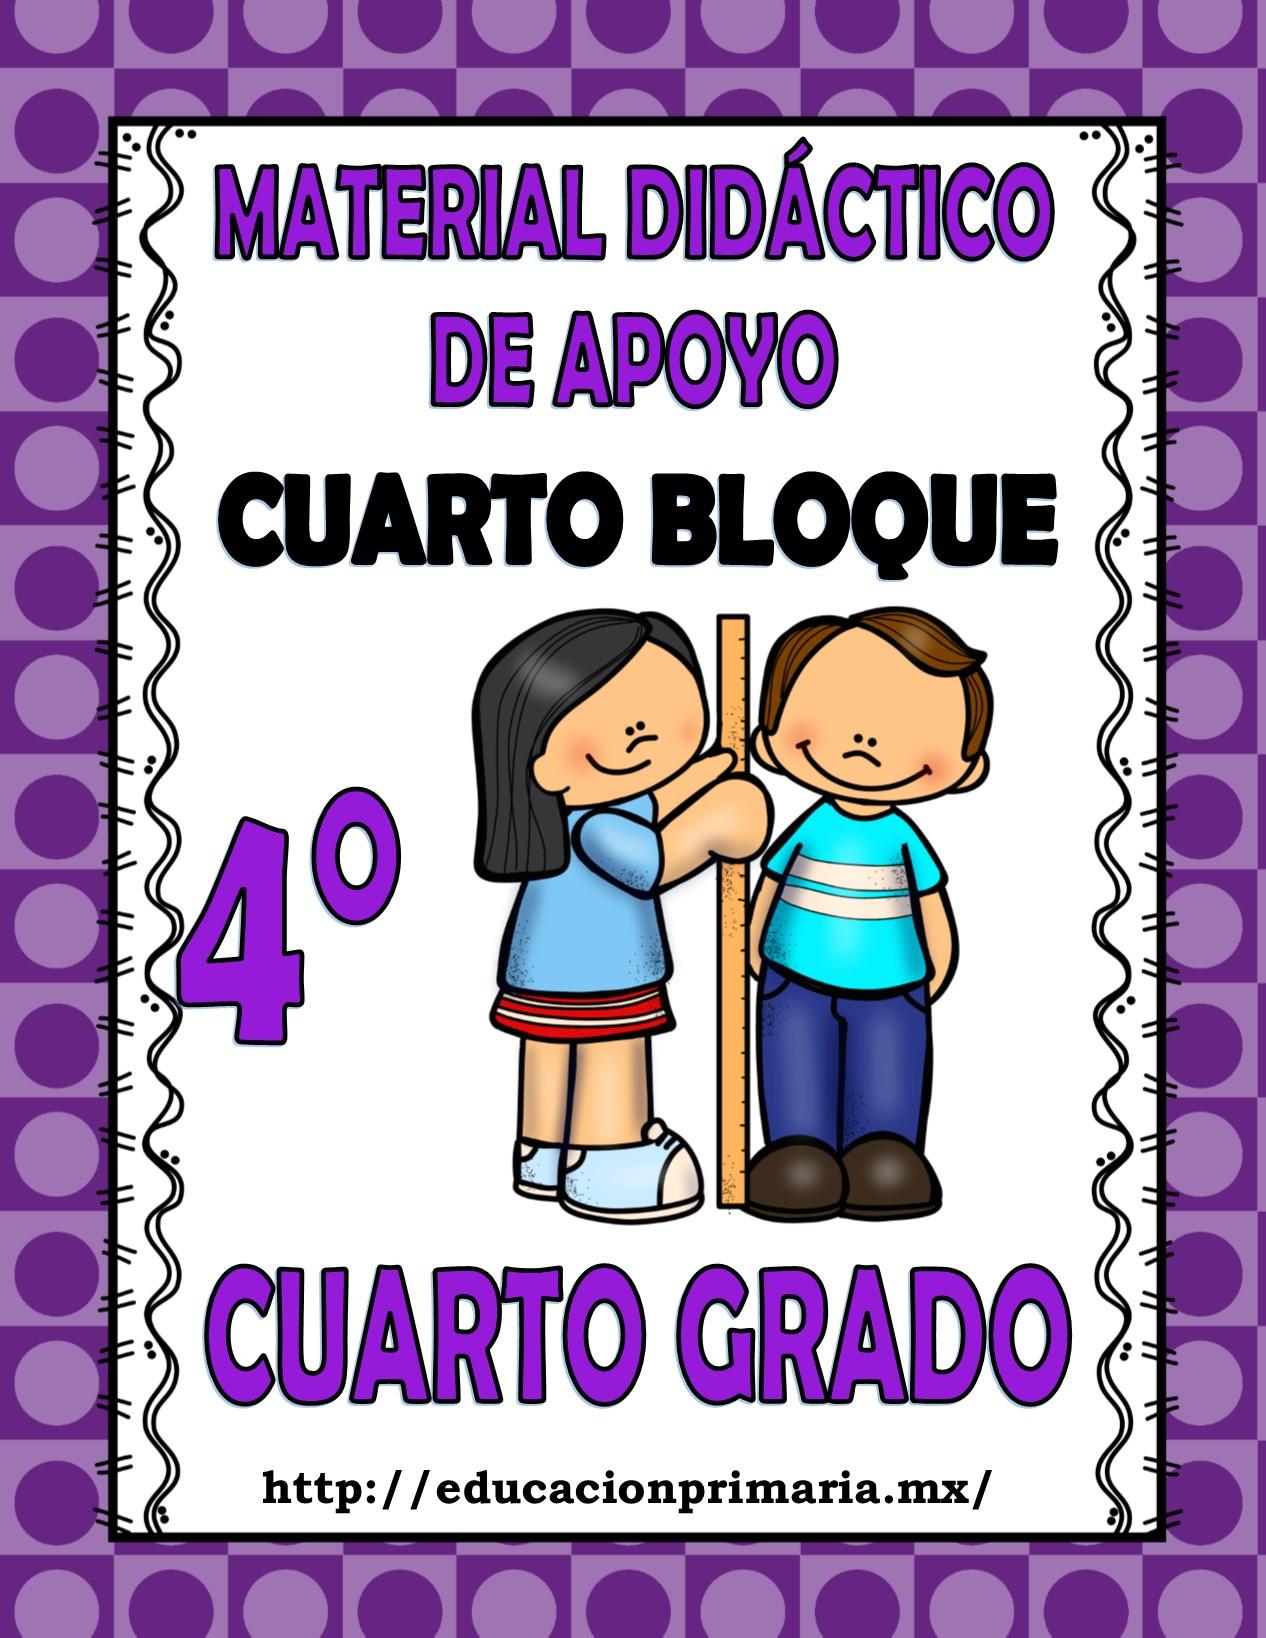 Material didáctico de apoyo del cuarto grado para el cuarto bloque ...